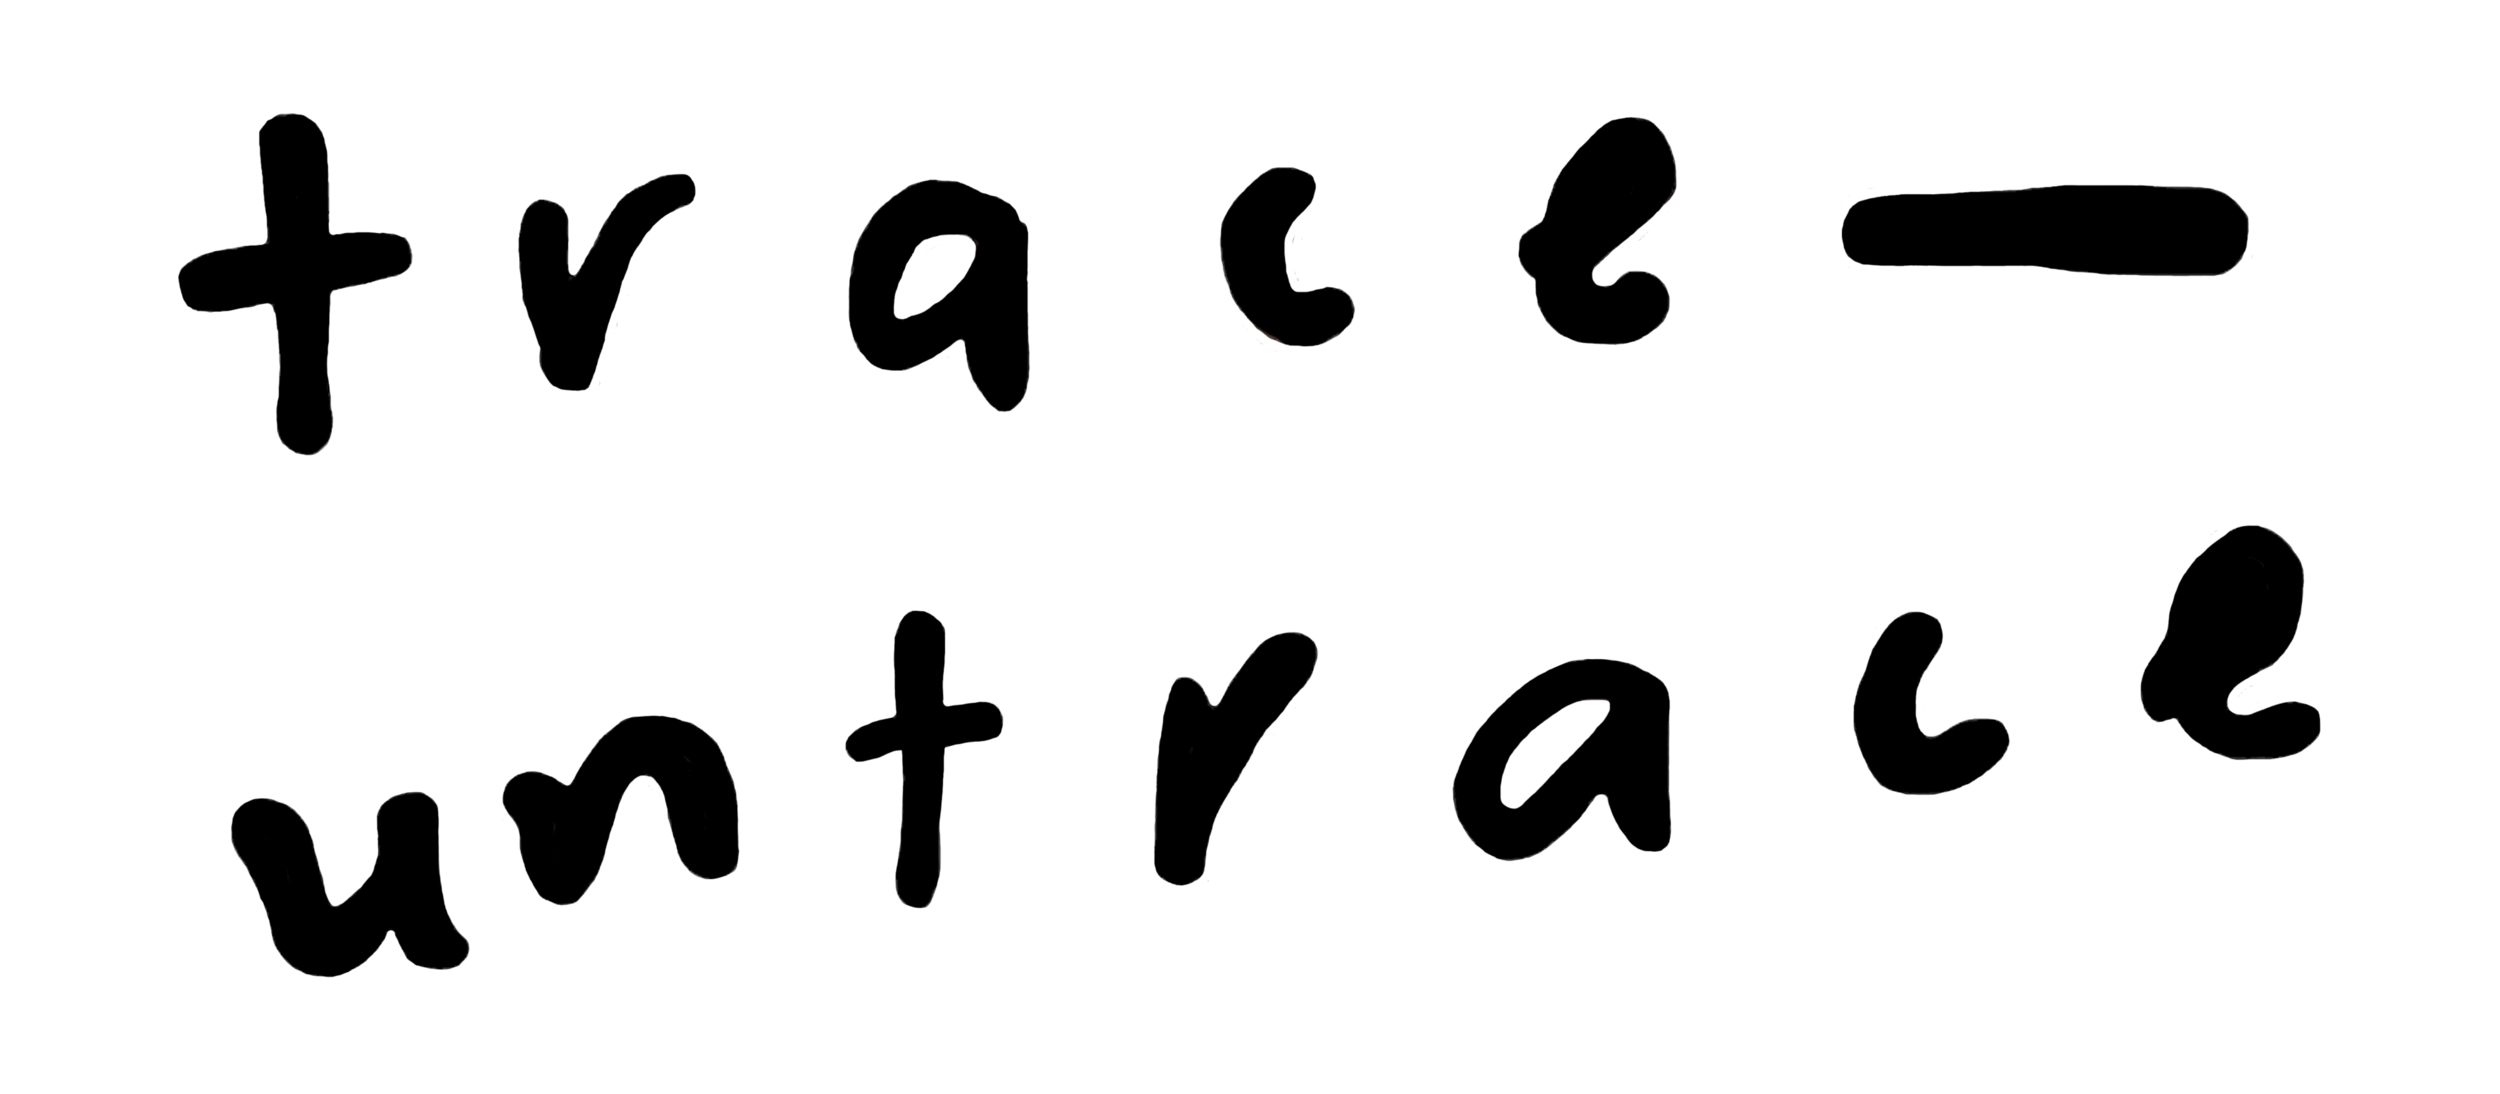 trace-untrace-bubbles